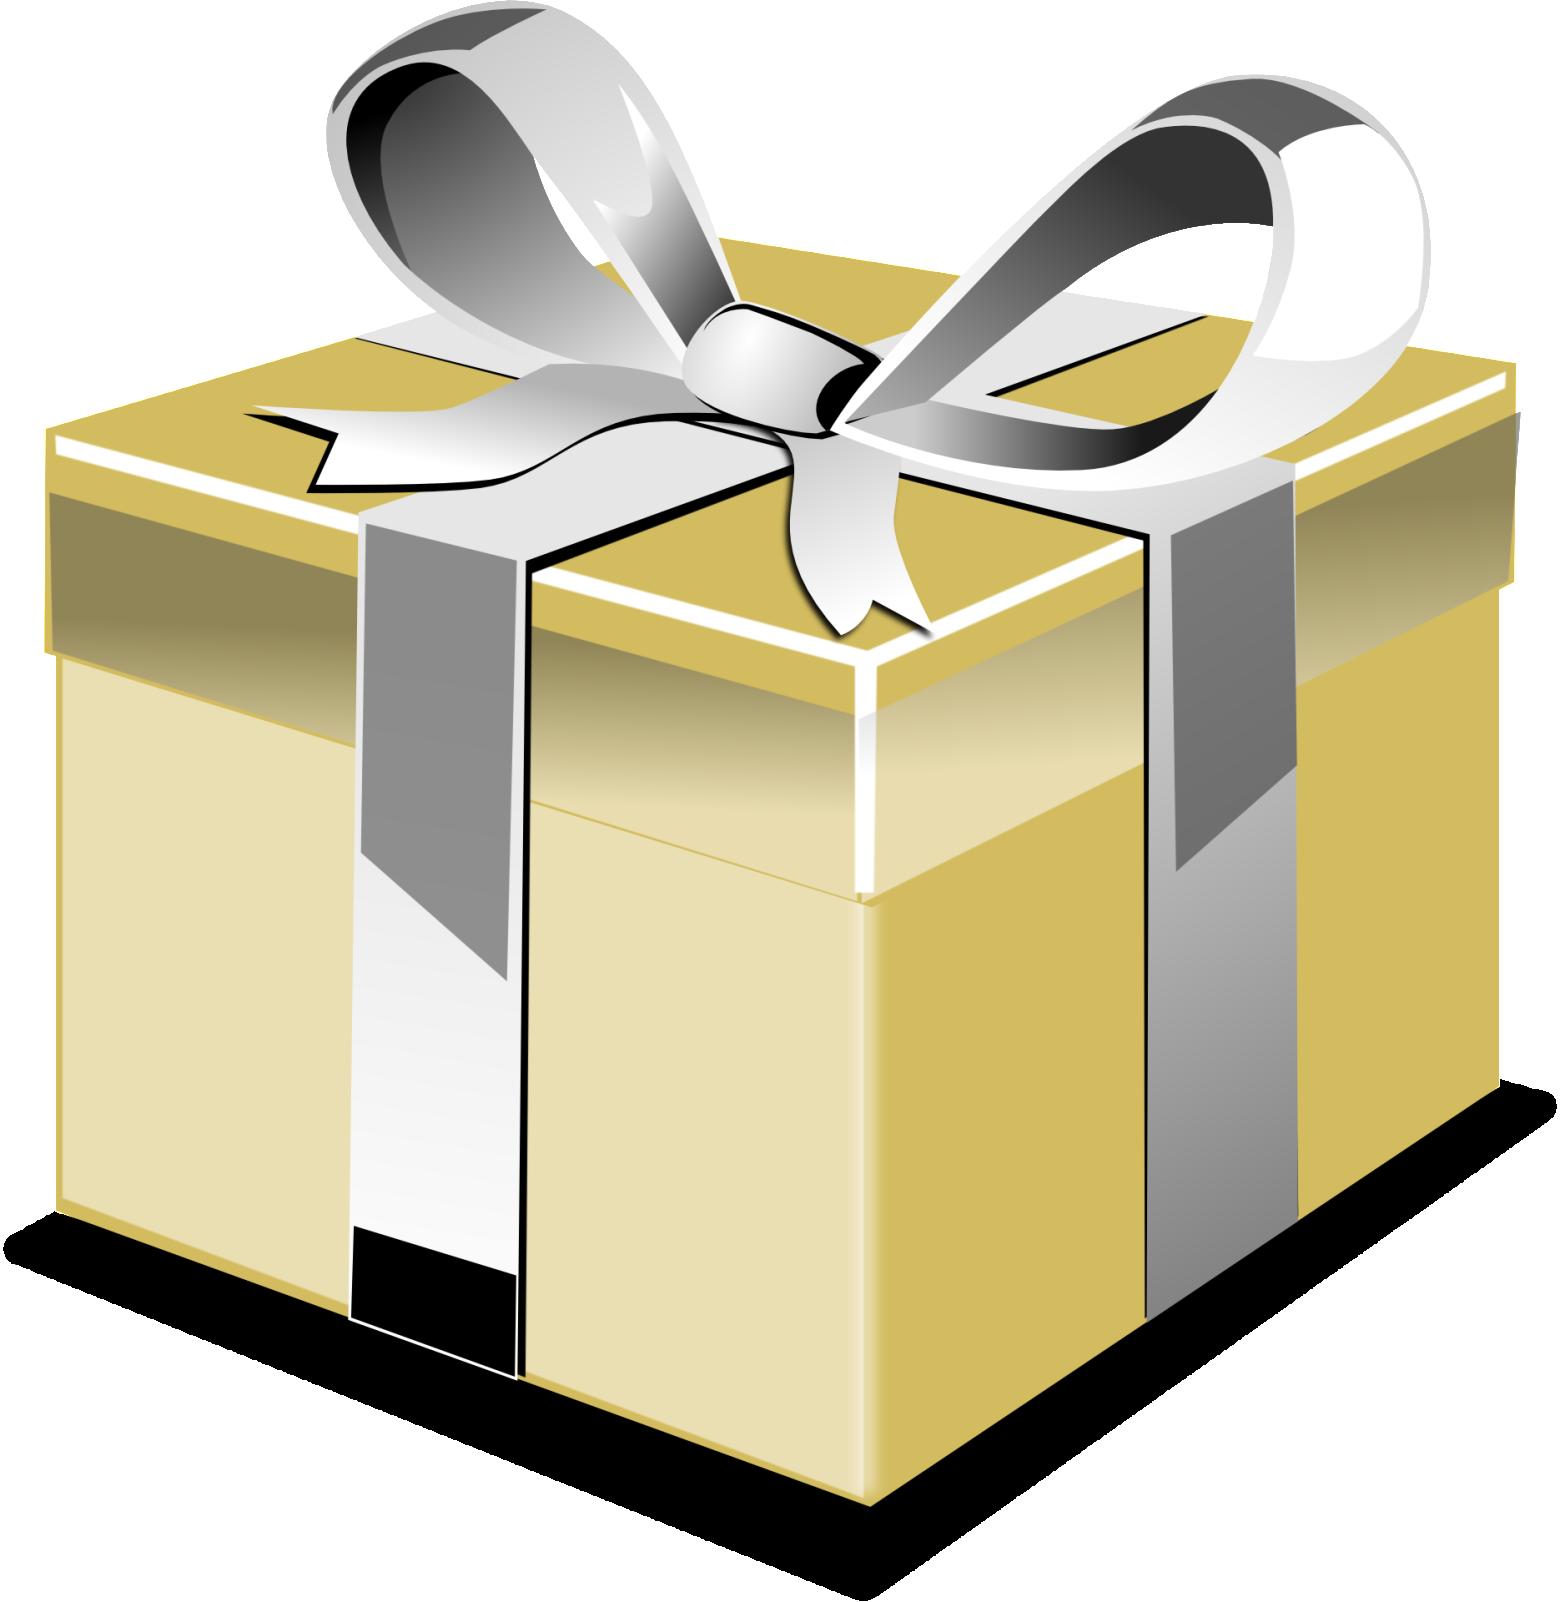 paquet cadeau images gratuites et libres de droits. Black Bedroom Furniture Sets. Home Design Ideas